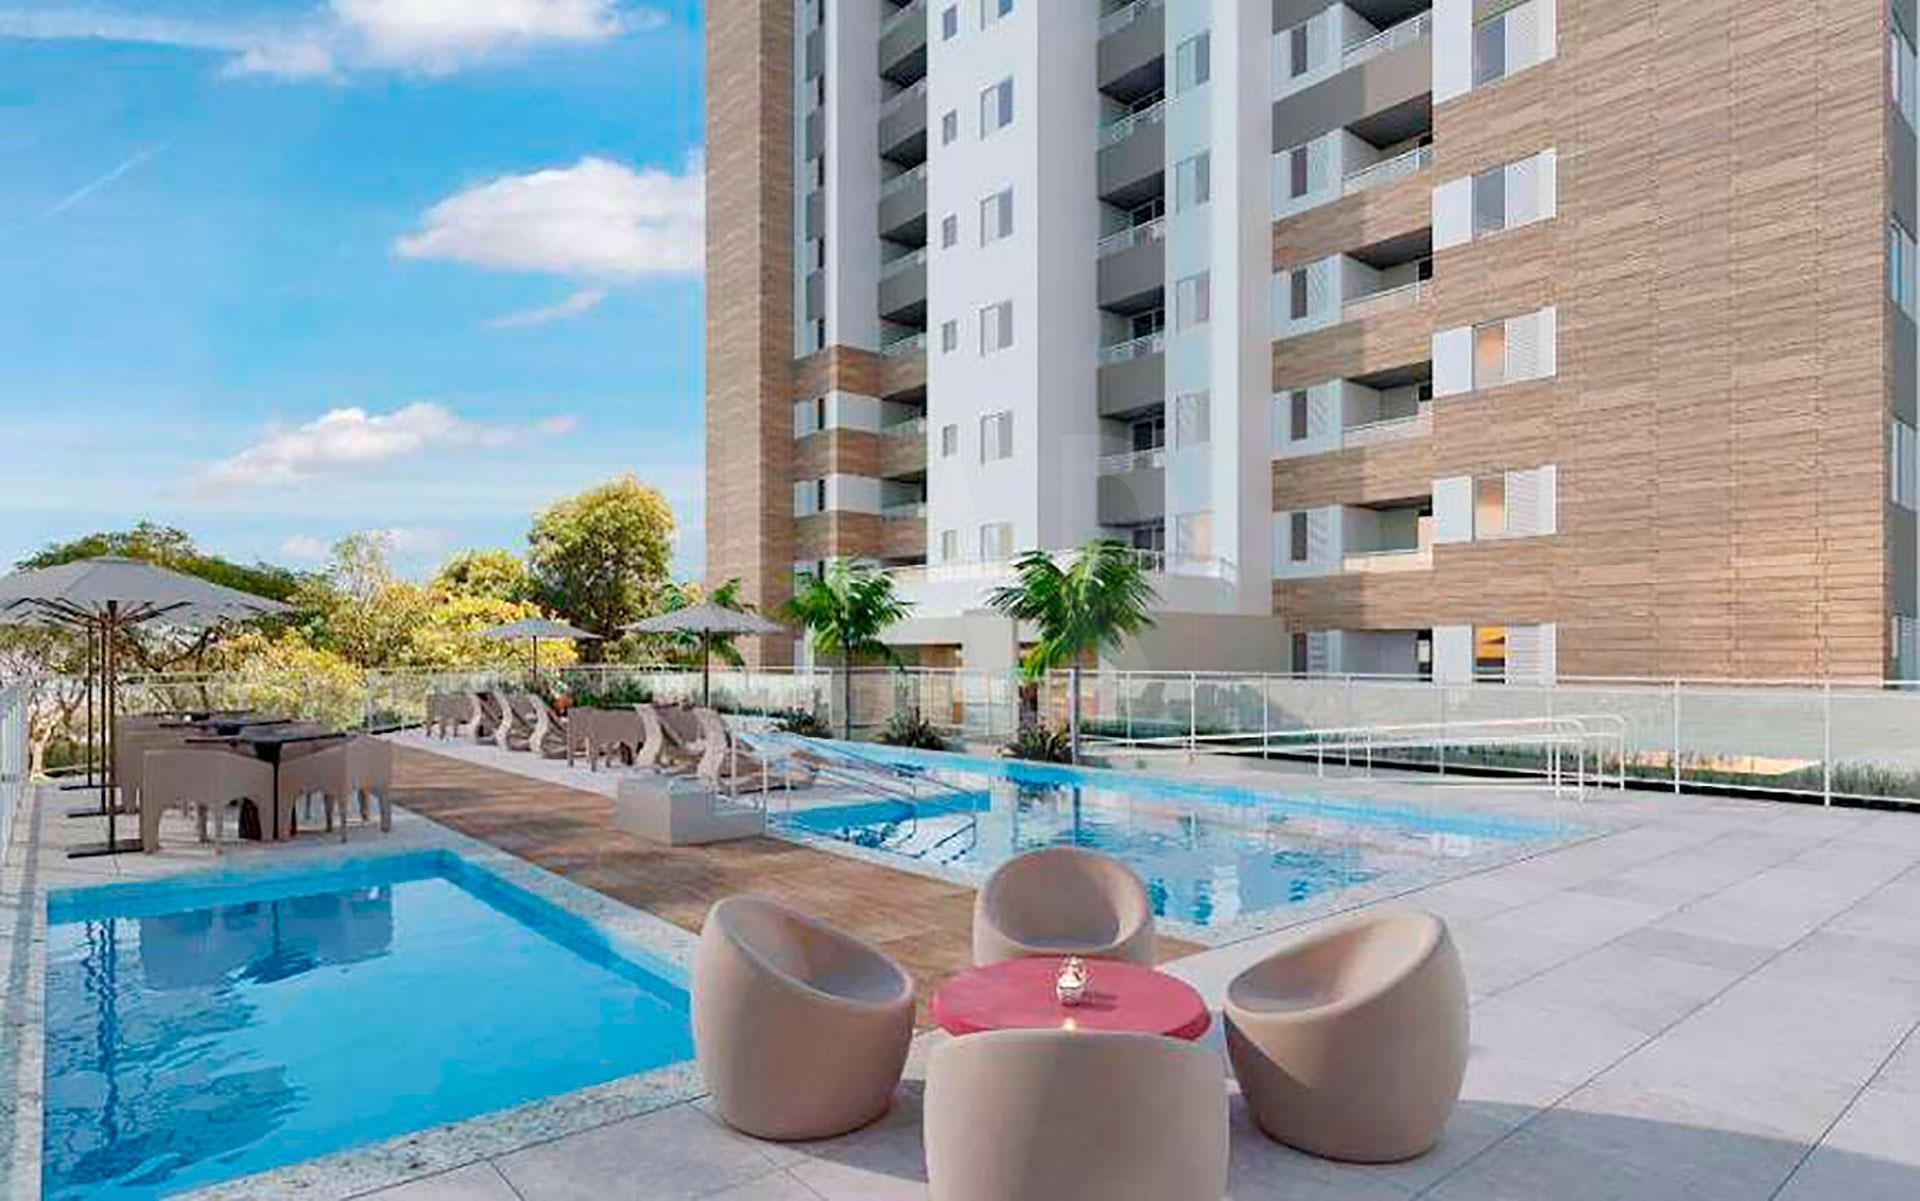 Foto Apartamento de 2 quartos à venda no Nova Suíssa em Belo Horizonte - Imagem 08